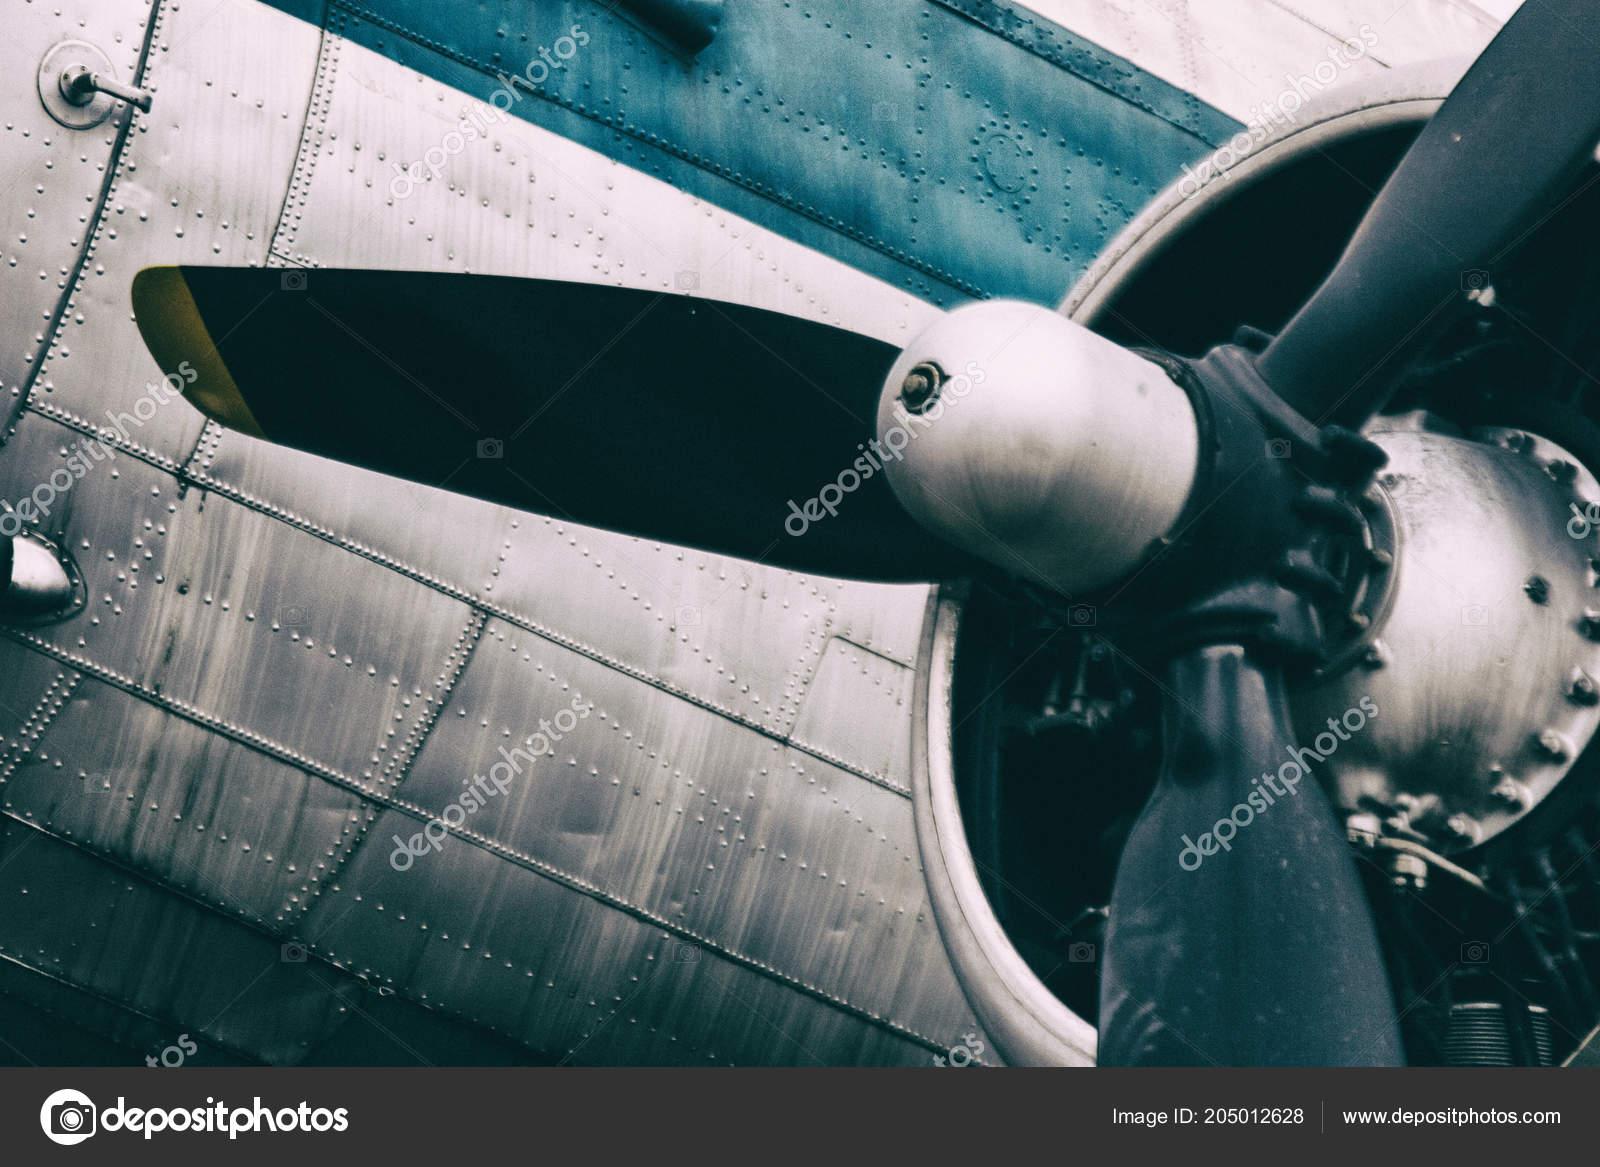 Background Of A Propeller Engine Of Vintage Metal Plane